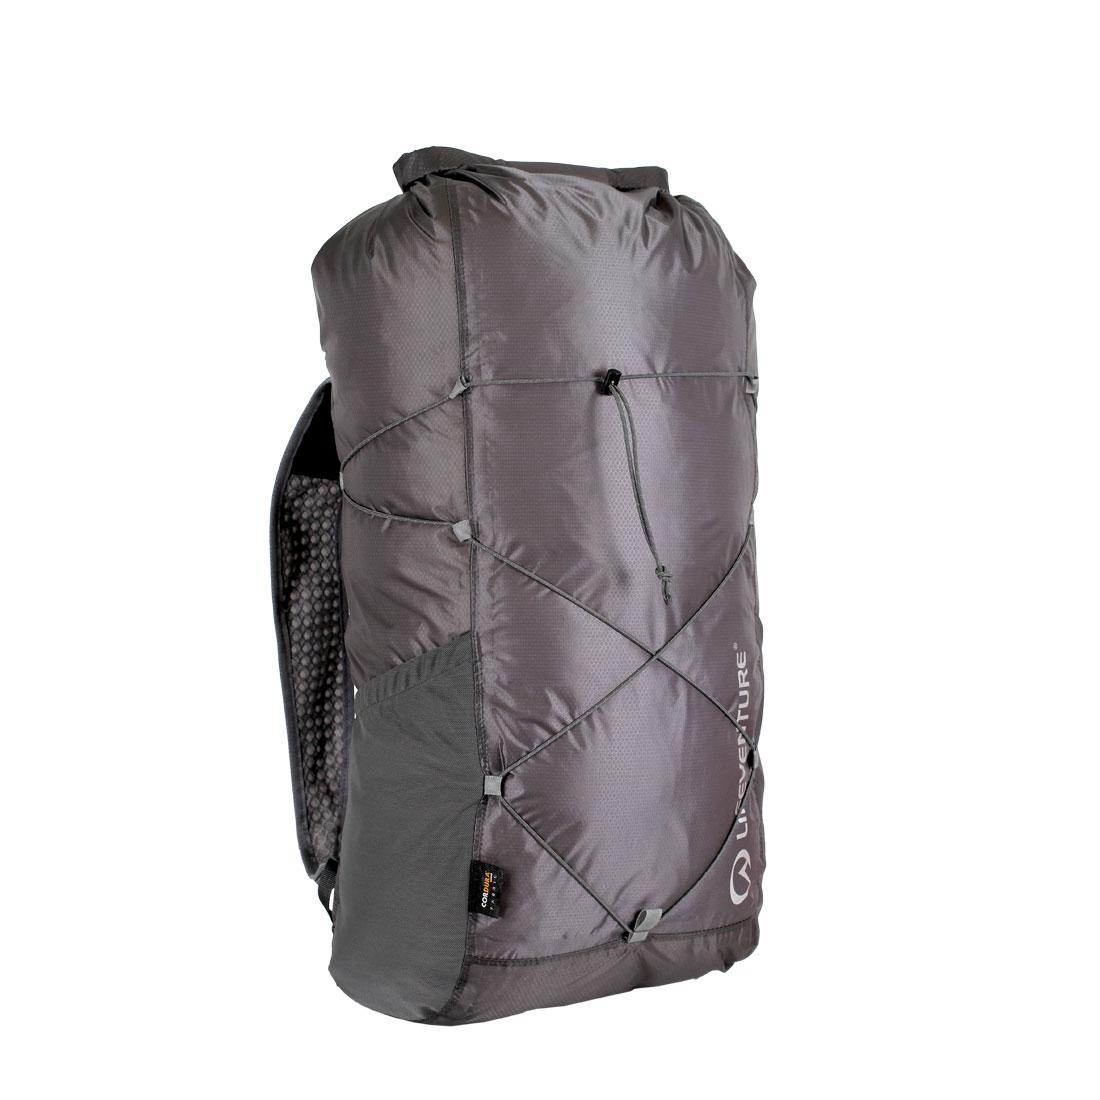 Waterproof Packable Backpack